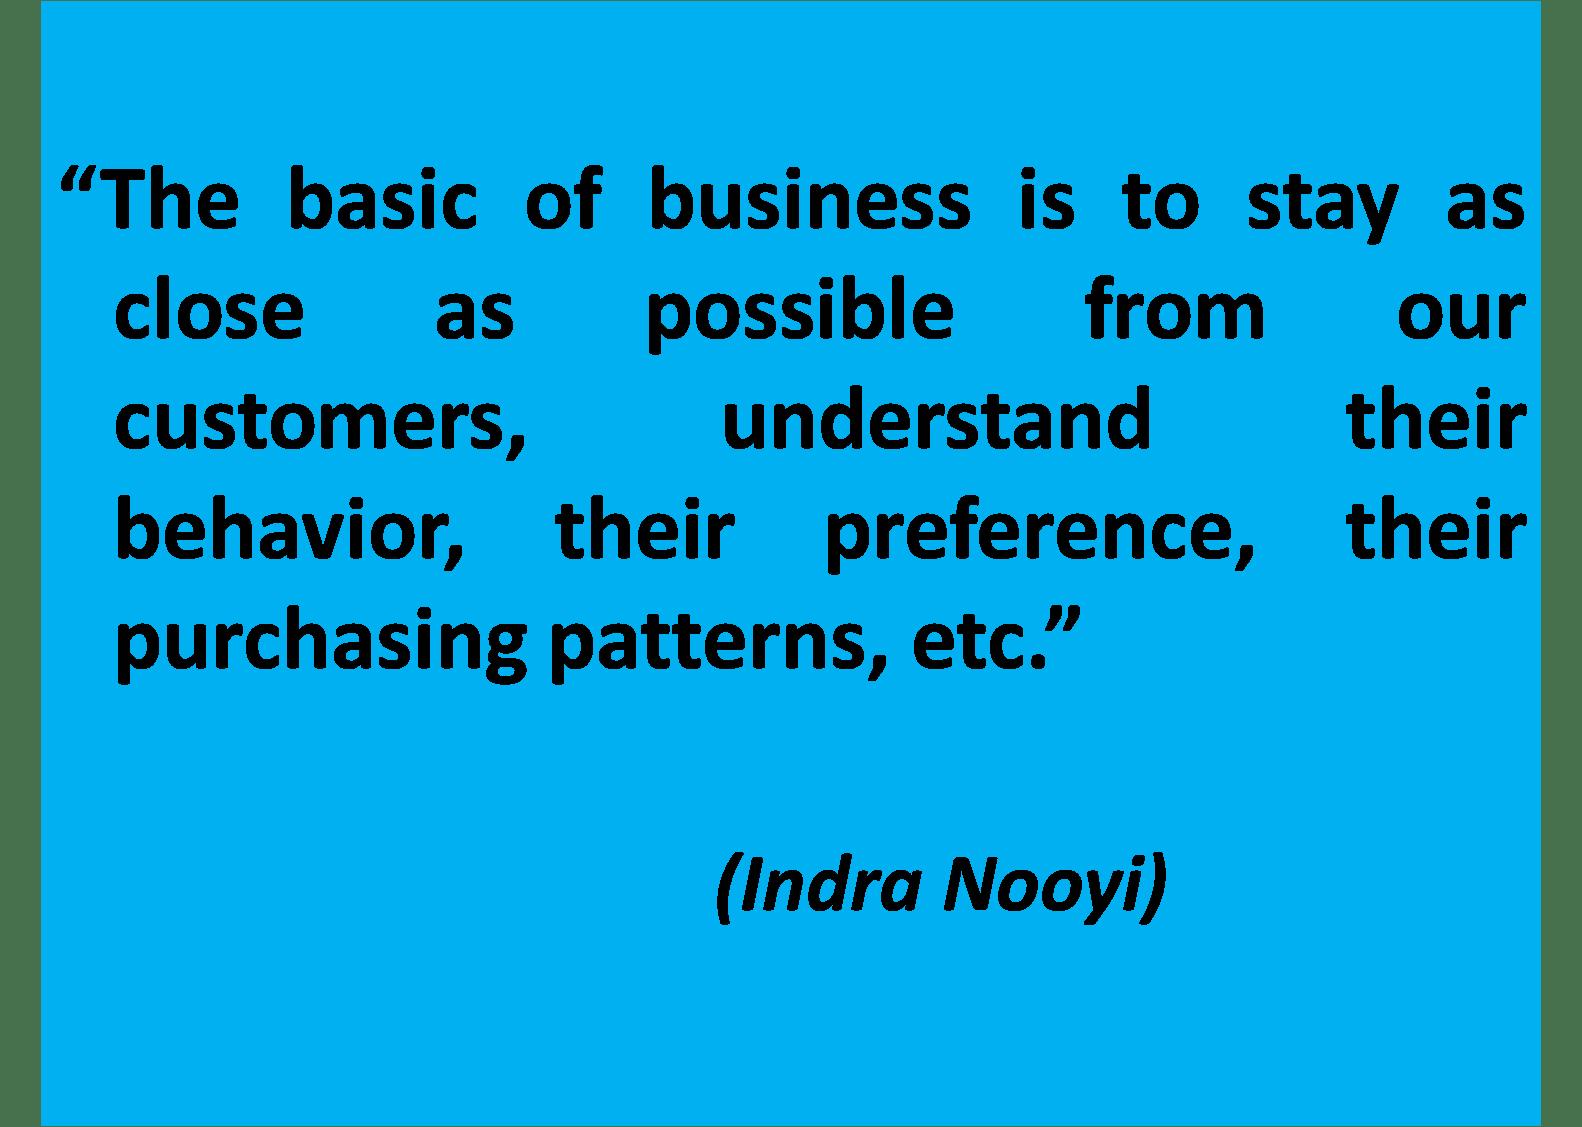 leadership style of indra nooyi